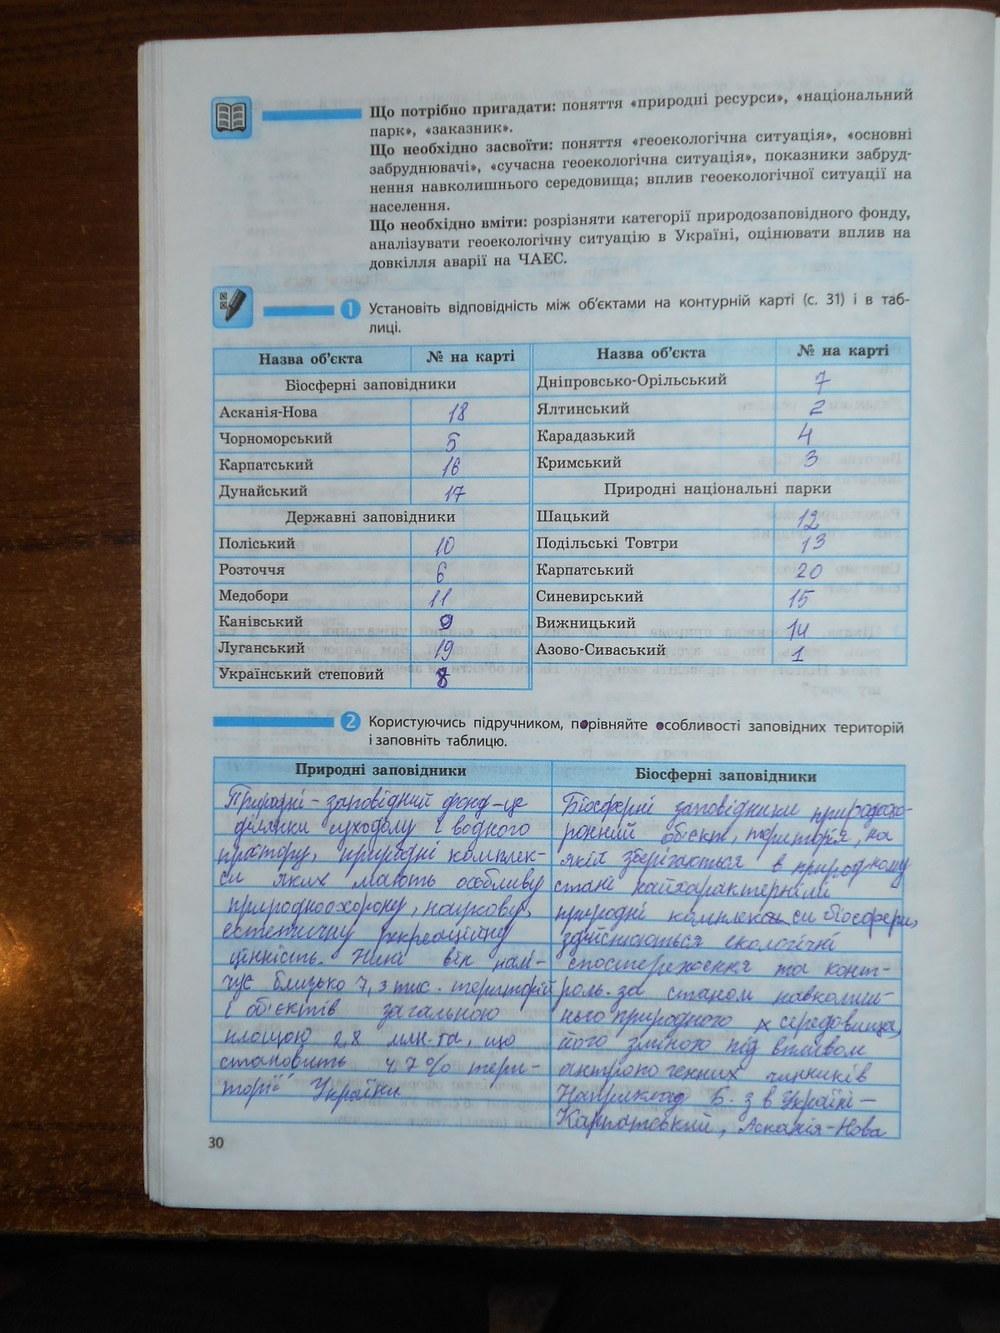 ГДЗ відповіді робочий зошит по географии 8 класс Т.Г. Гільберг, В.М. Проценко. Задание: стр. 30